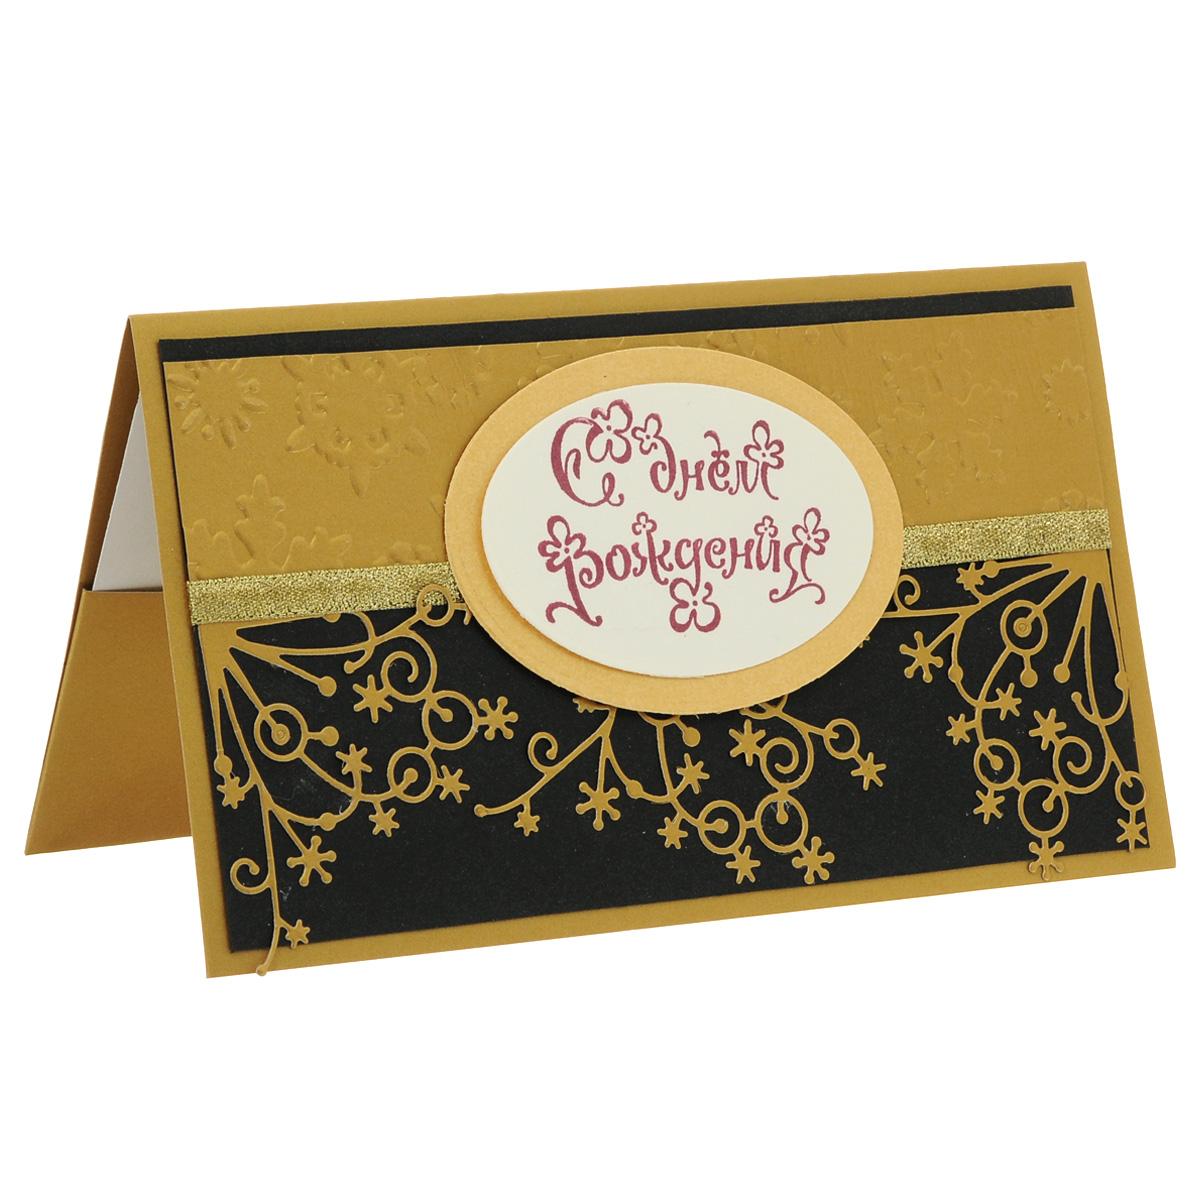 ОЖ-0002 Открытка-конверт «С Днём Рождения!» (золото-черный). Студия «Тётя Роза»512-119Характеристики: Размер 19 см x 11 см.Материал: Высоко-художественный картон, бумага, декор. Данная открытка может стать как прекрасным дополнением к вашему подарку, так и самостоятельным подарком. Так как открытка является и конвертом, в который вы можете вложить ваш денежный подарок или просто написать ваши пожелания на вкладыше. Открытка выполнена в торжественной чёрно-золотой гамме. Декорирована золотой парчовой лентой. В тиснении верхней части использованы полуобъемные снежинки разных форм. Также открытка упакована в пакетик для сохранности.Обращаем Ваше внимание на то, что открытка может незначительно отличаться от представленной на фото.Открытки ручной работы от студии Тётя Роза отличаются своим неповторимым и ярким стилем. Каждая уникальна и выполнена вручную мастерами студии. (Открытка для мужчин, открытка для женщины, открытка на день рождения, открытка с днем свадьбы, открытка винтаж, открытка с юбилеем, открытка на все случаи, скрапбукинг)